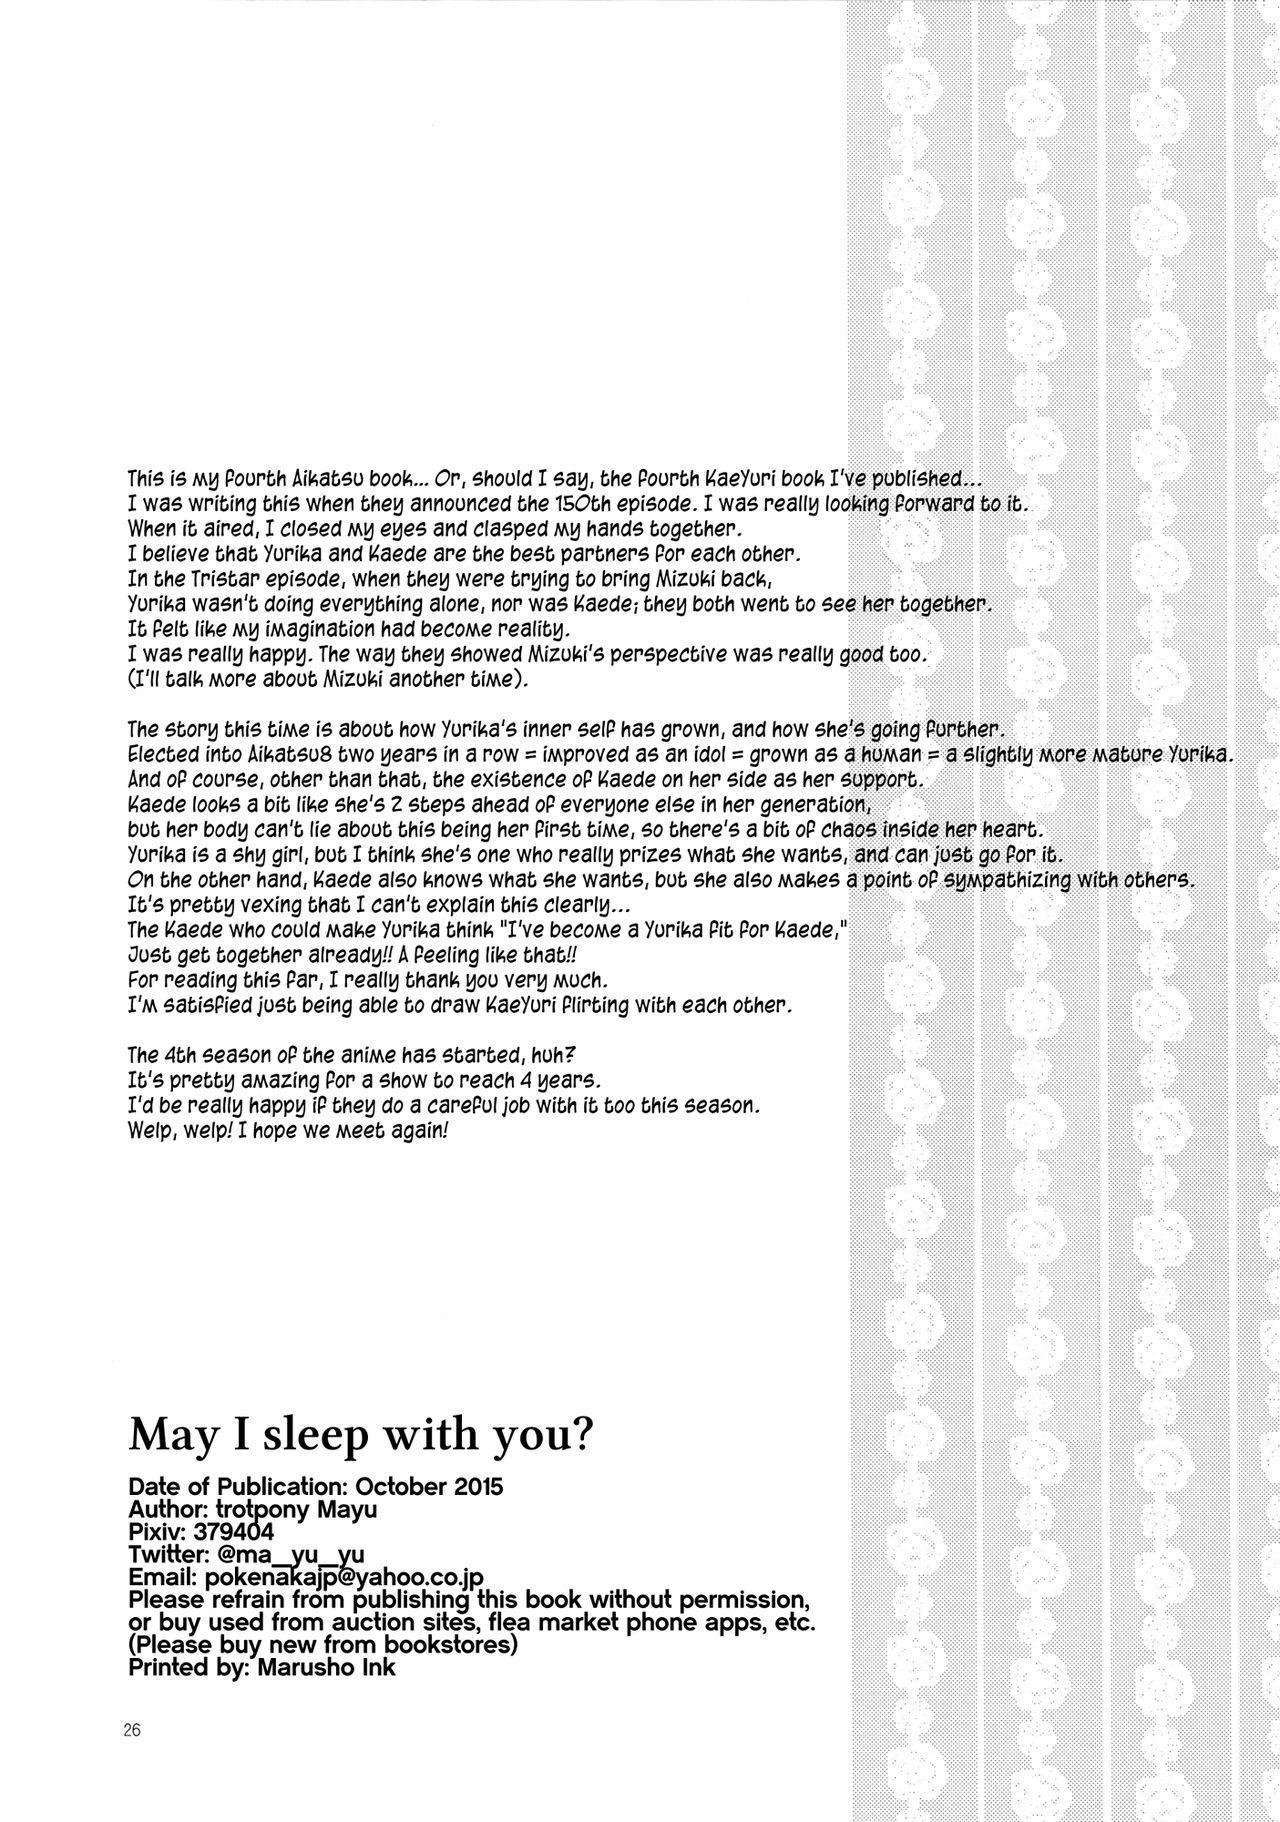 Issho ni Nete mo Ii desu ka? | May I sleep with you 25